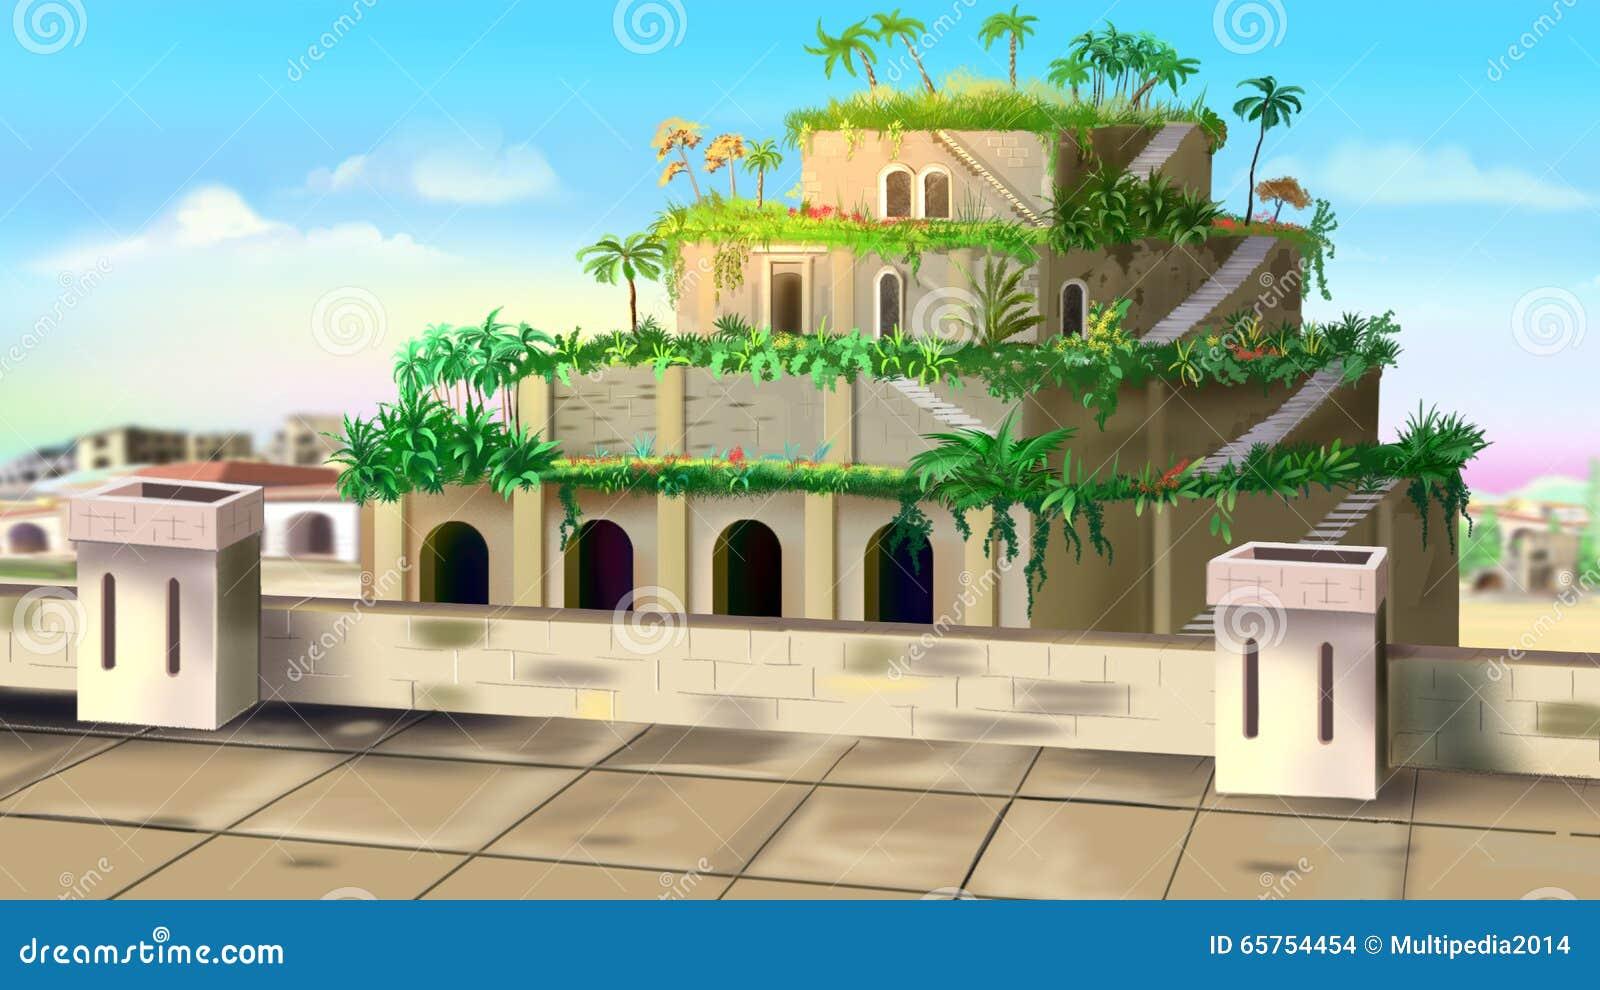 Giardini pensili di babilonia illustrazione di stock - Immagini di giardini di villette ...